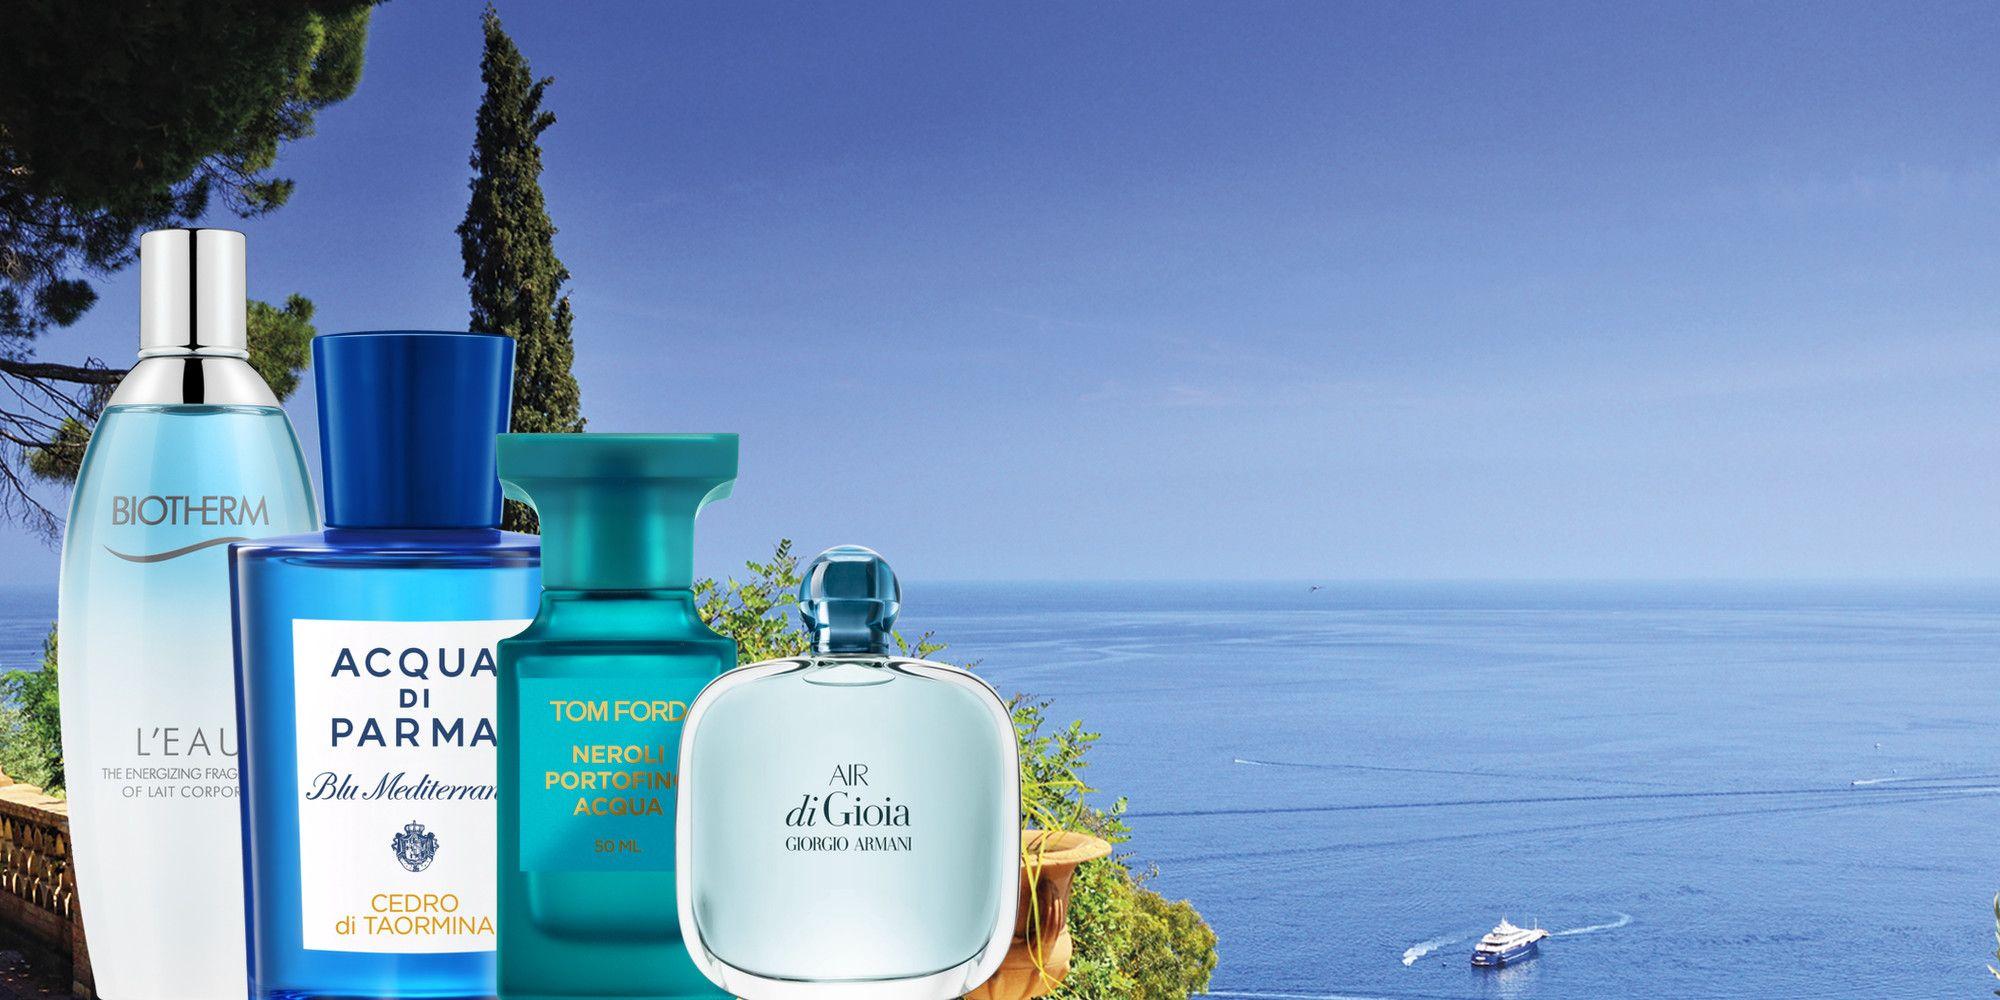 Profumi 10 Fragranze Che Celebrano Il Mare Mediterraneo